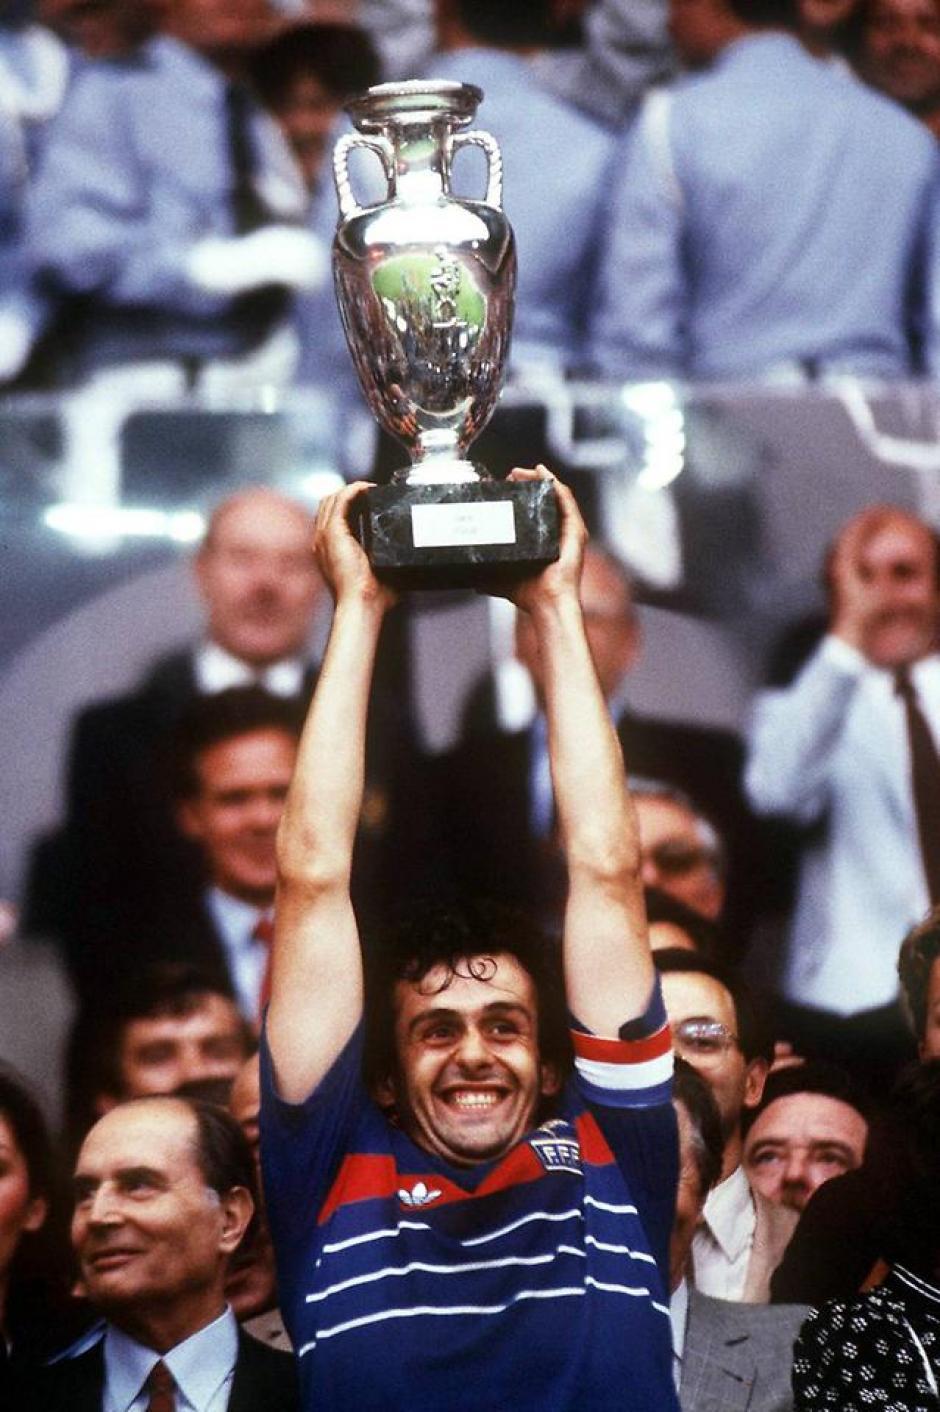 Michel Platini levantó la Eurocopa con Francia como local en 1984. (Foto: elmundo.es)